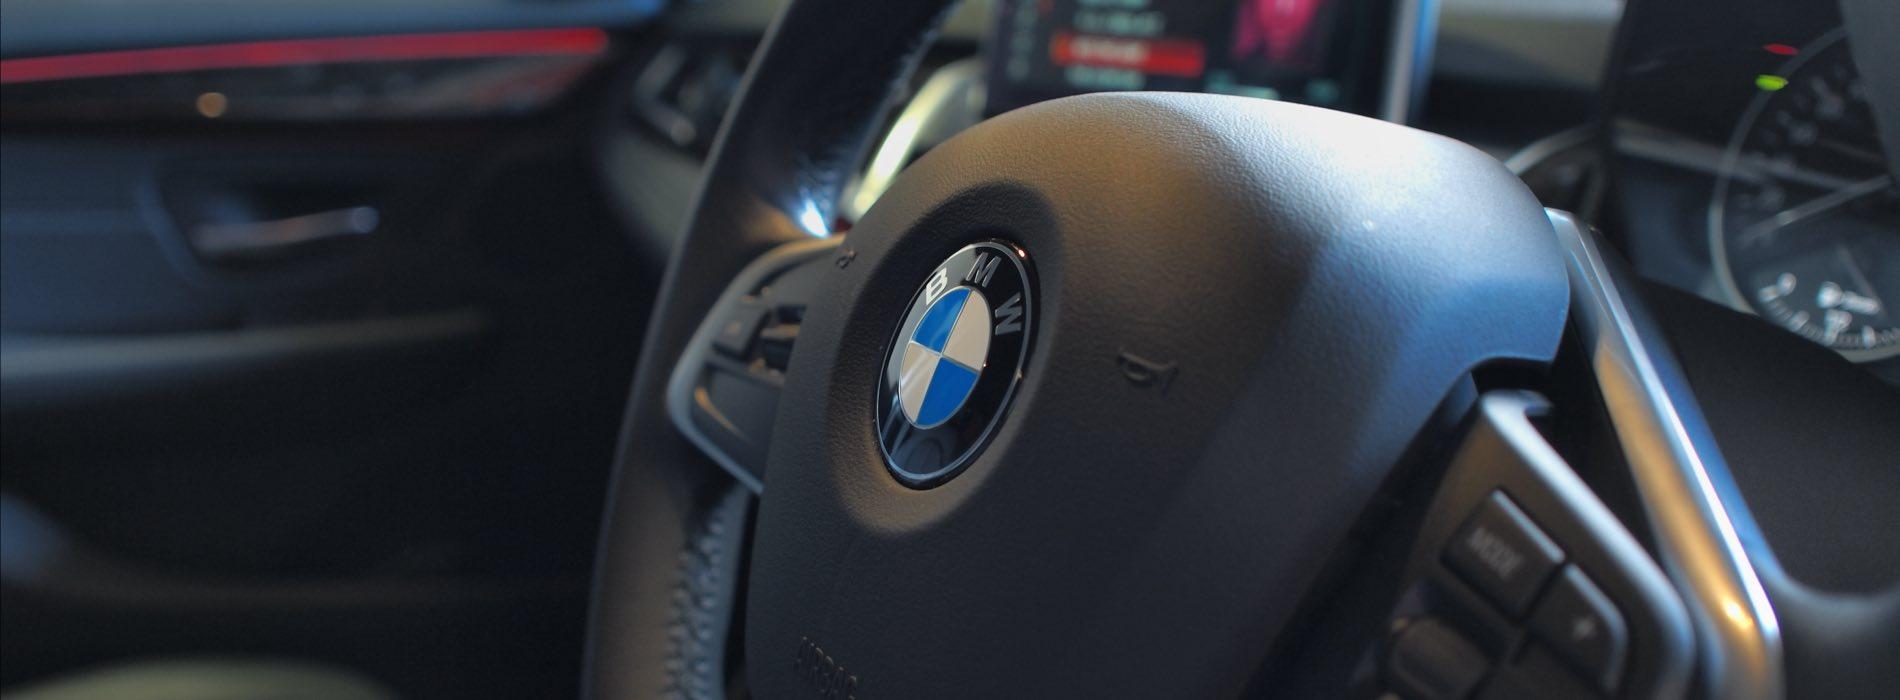 BMW専用スピーカー交換ブラム